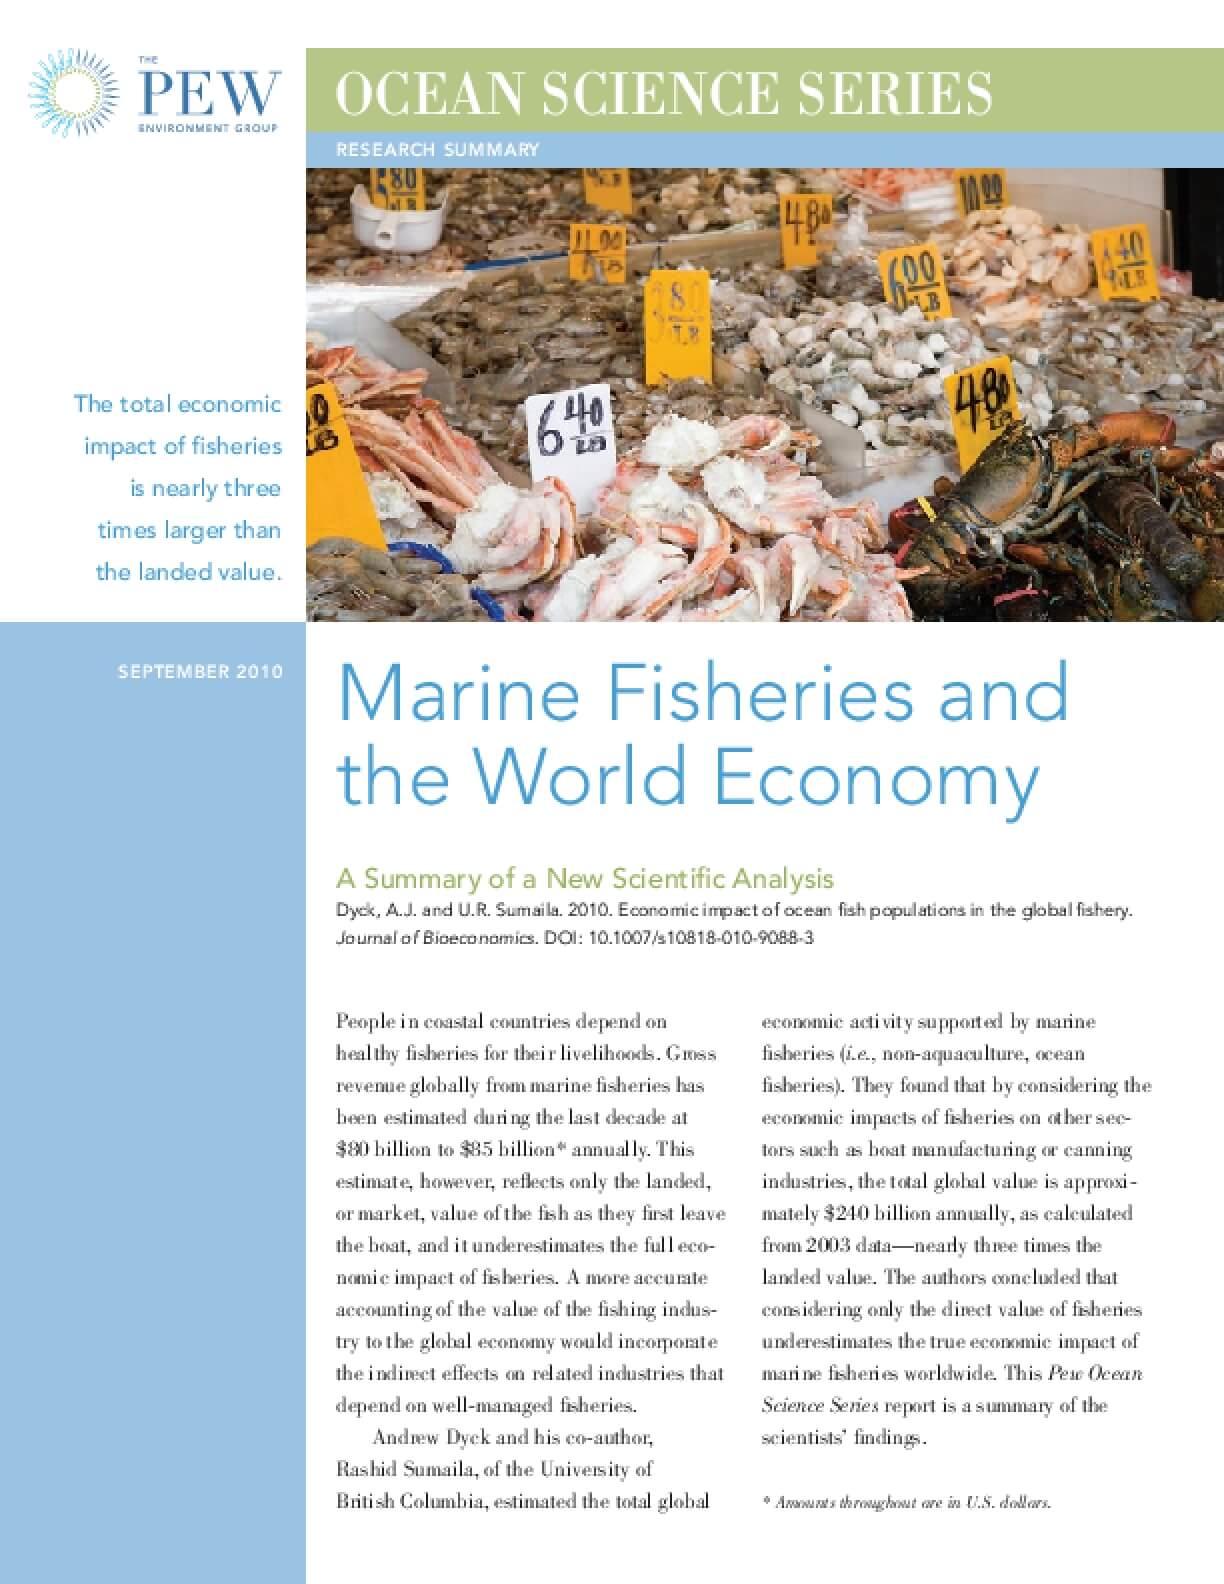 Marine Fisheries and the World Economy